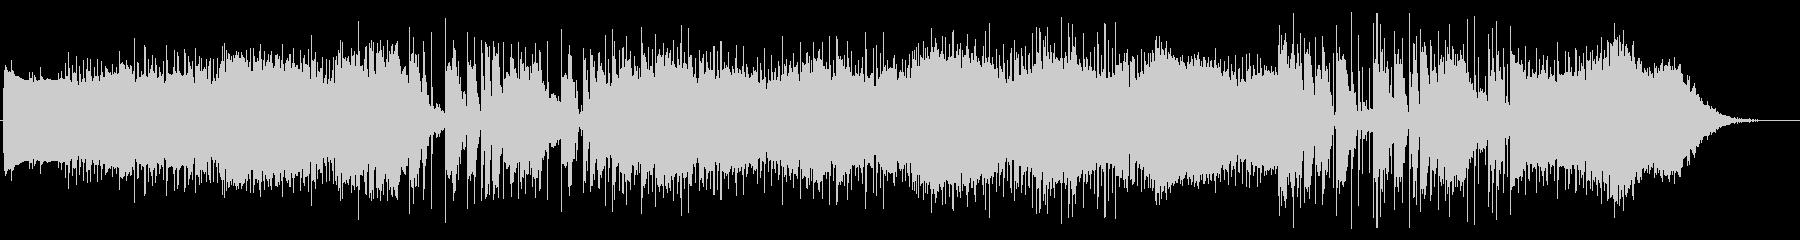 ダークすぎないエレクトリック曲の未再生の波形